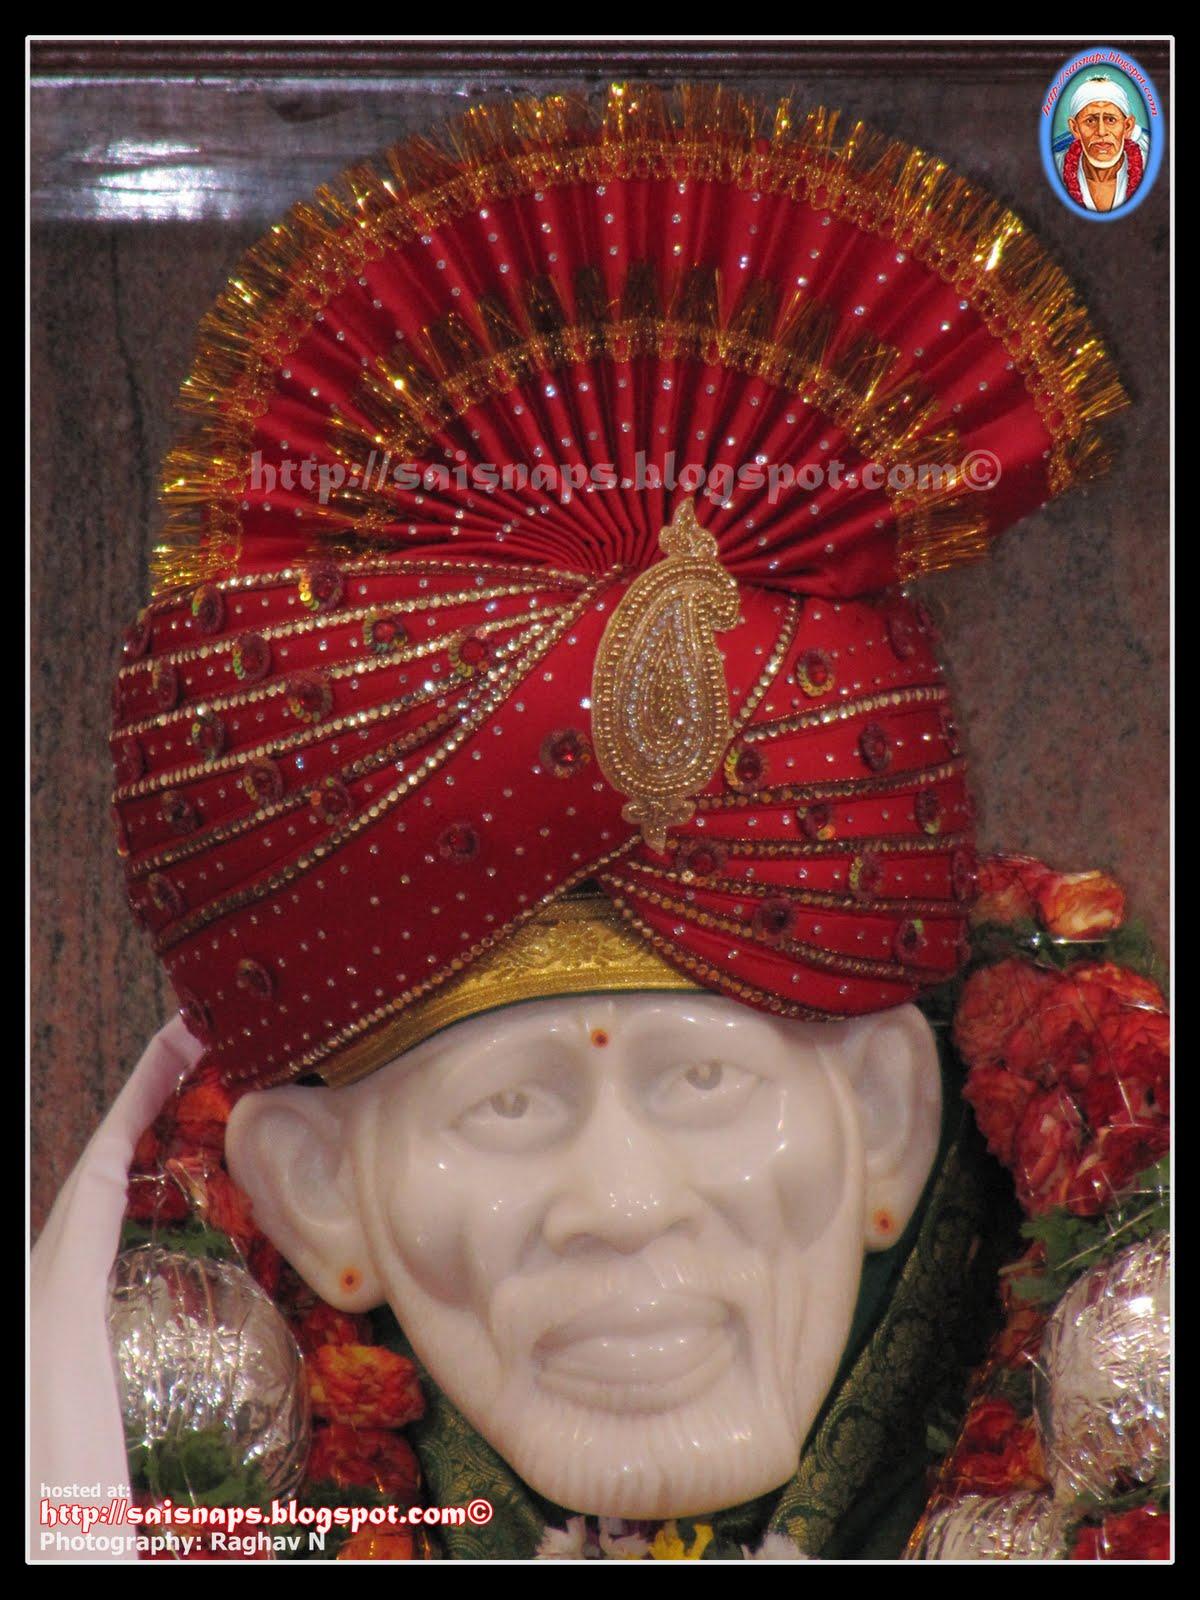 Gaul Wallpapers Sai Punyathithi 2012 Celebrations At Sri Shirdi Sai